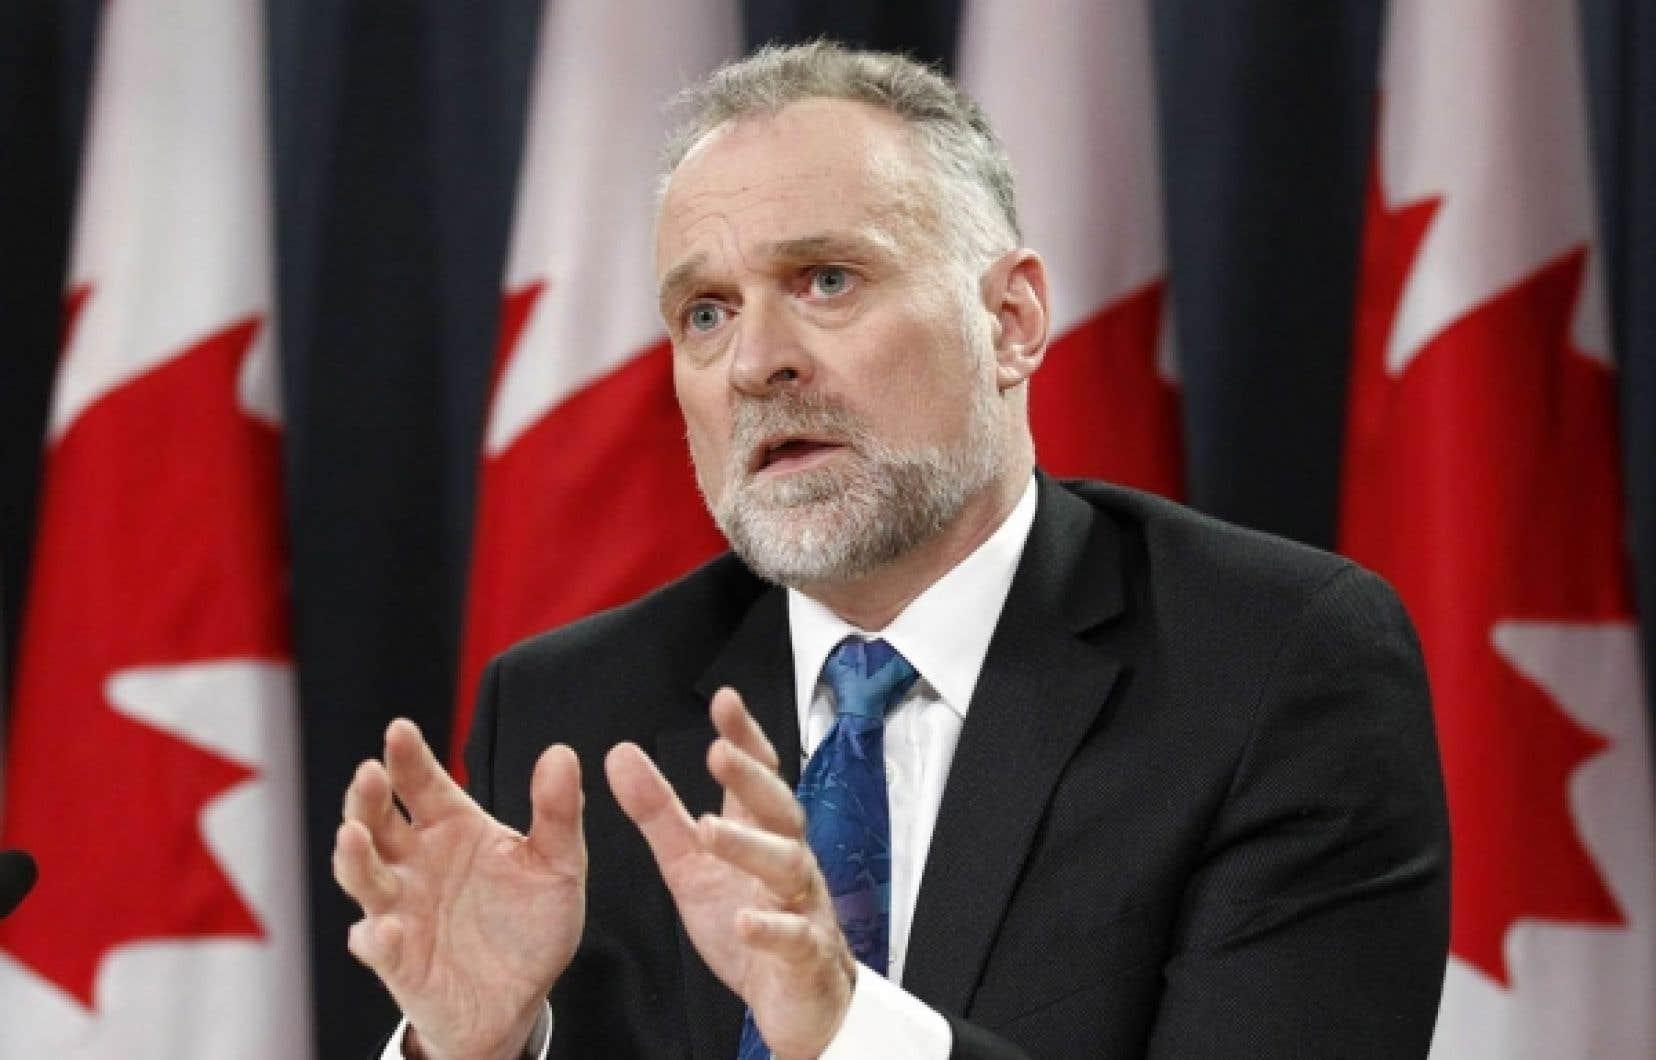 Dès 2006, le ministère de la Défense et les Forces canadiennes étaient décidés à acheter l'avion de combat F-35 de Lockheed Martin, constate le nouveau vérificateur général, Michael Ferguson, dans son premier rapport présenté hier à Ottawa.